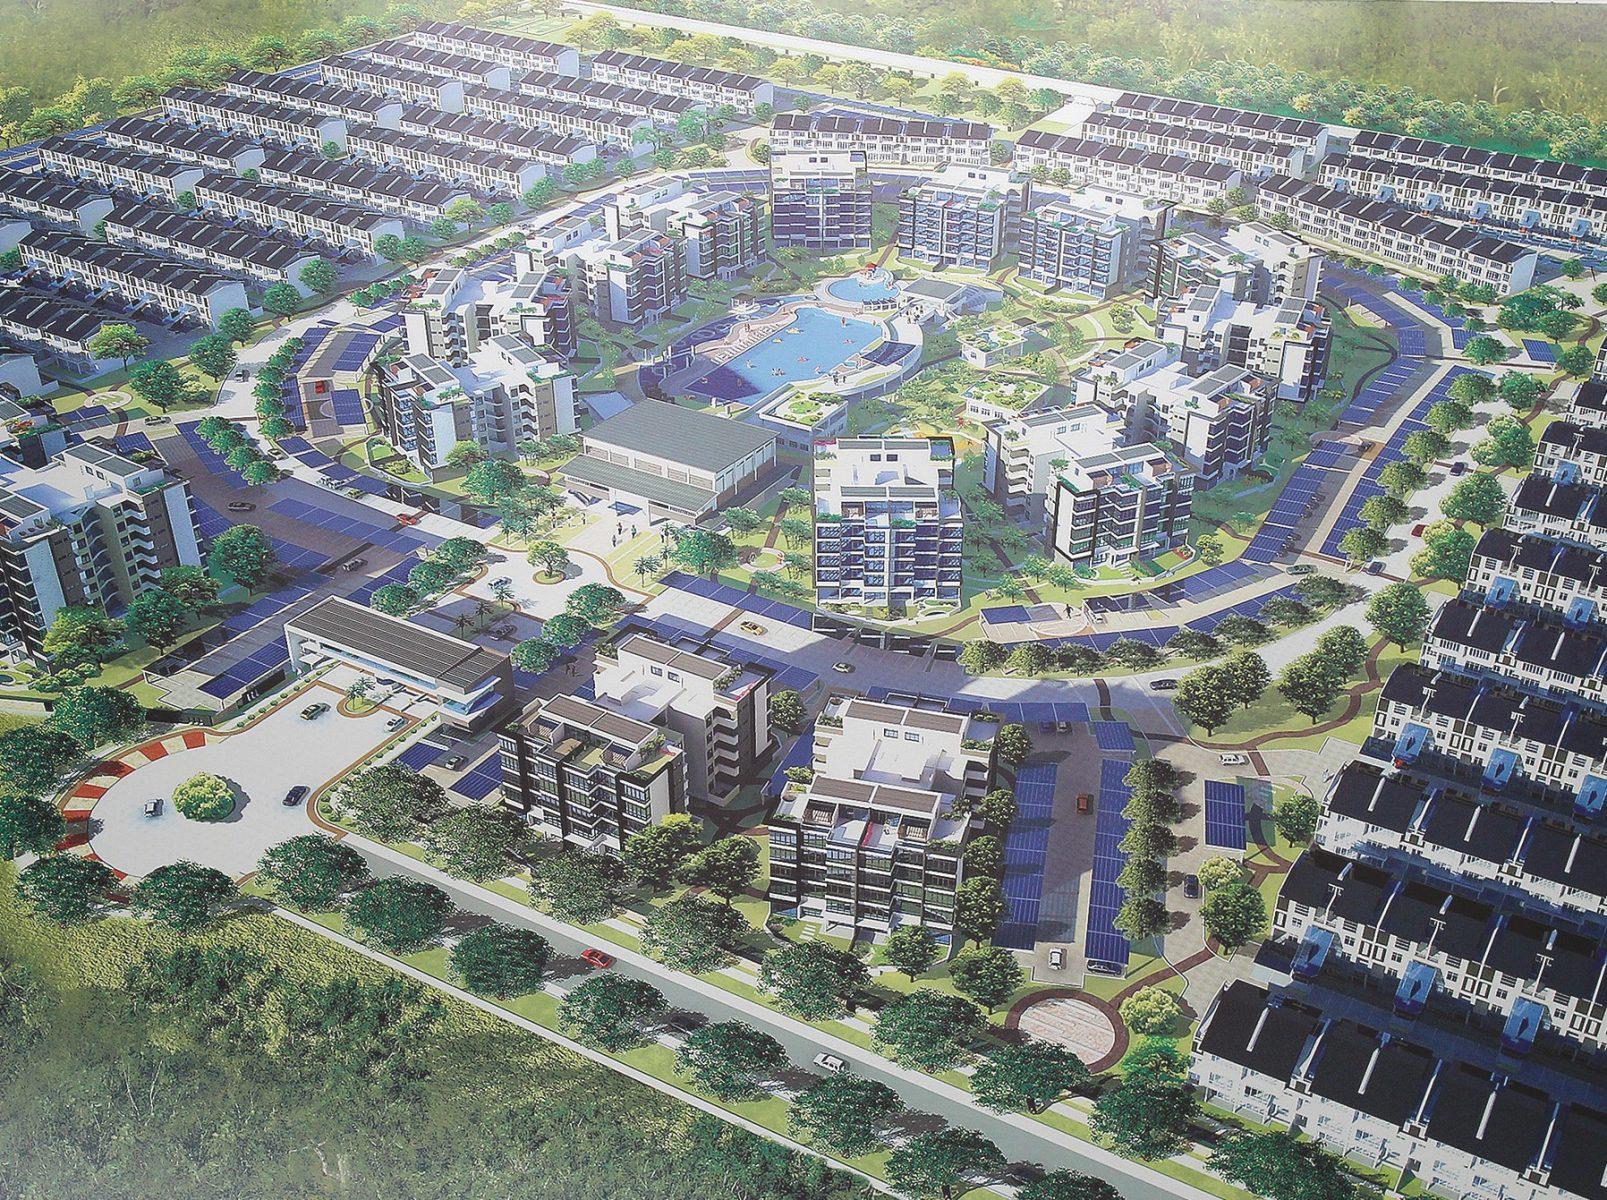 """Planzeichnung des Wohnkomplexes """"The Seed"""" (dt. Der Keim) in dem neuen Öko-Stadtteil Taman Sutera Utama"""